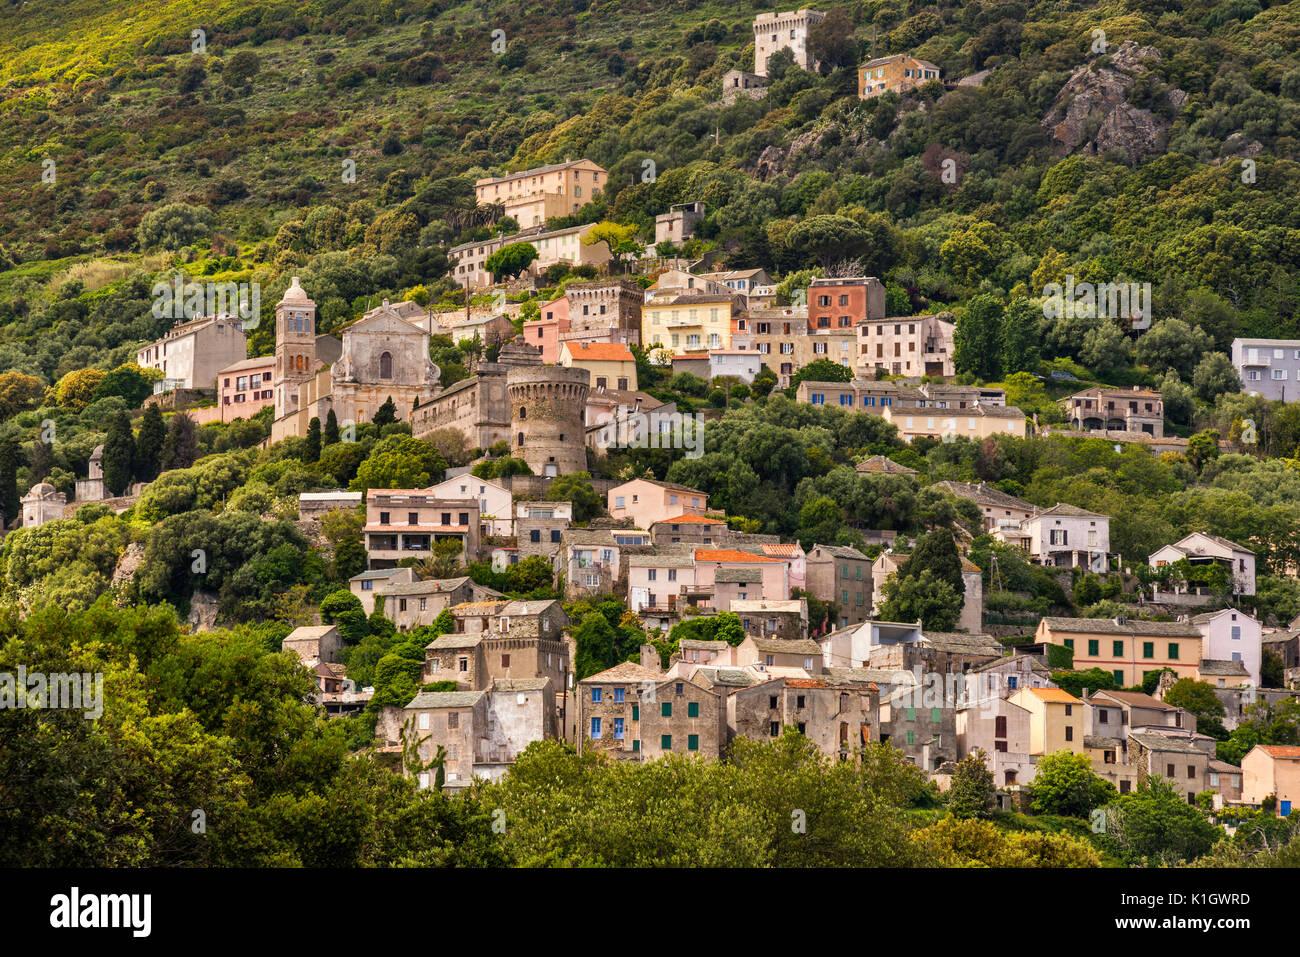 Hill ville de Bettolacce, dans la commune de Rogliano, Cap Corse, Corse, France Photo Stock